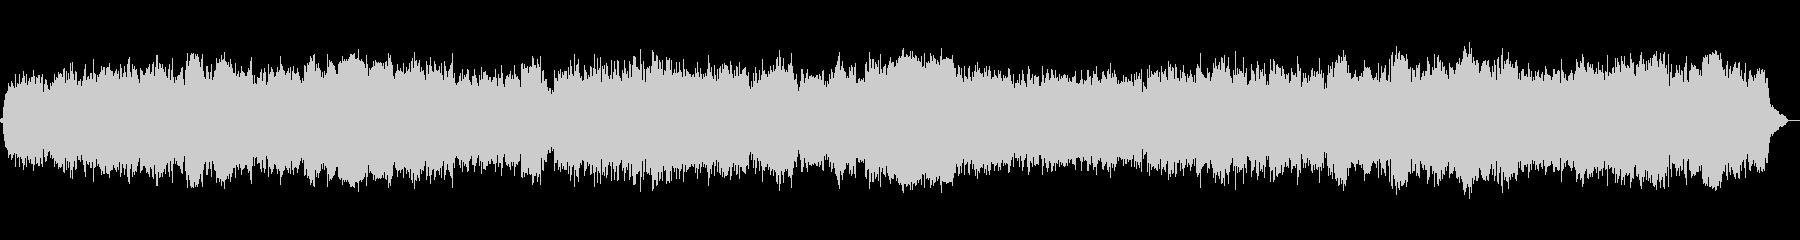 キラキラ静かな夜のイメージのBGMの未再生の波形